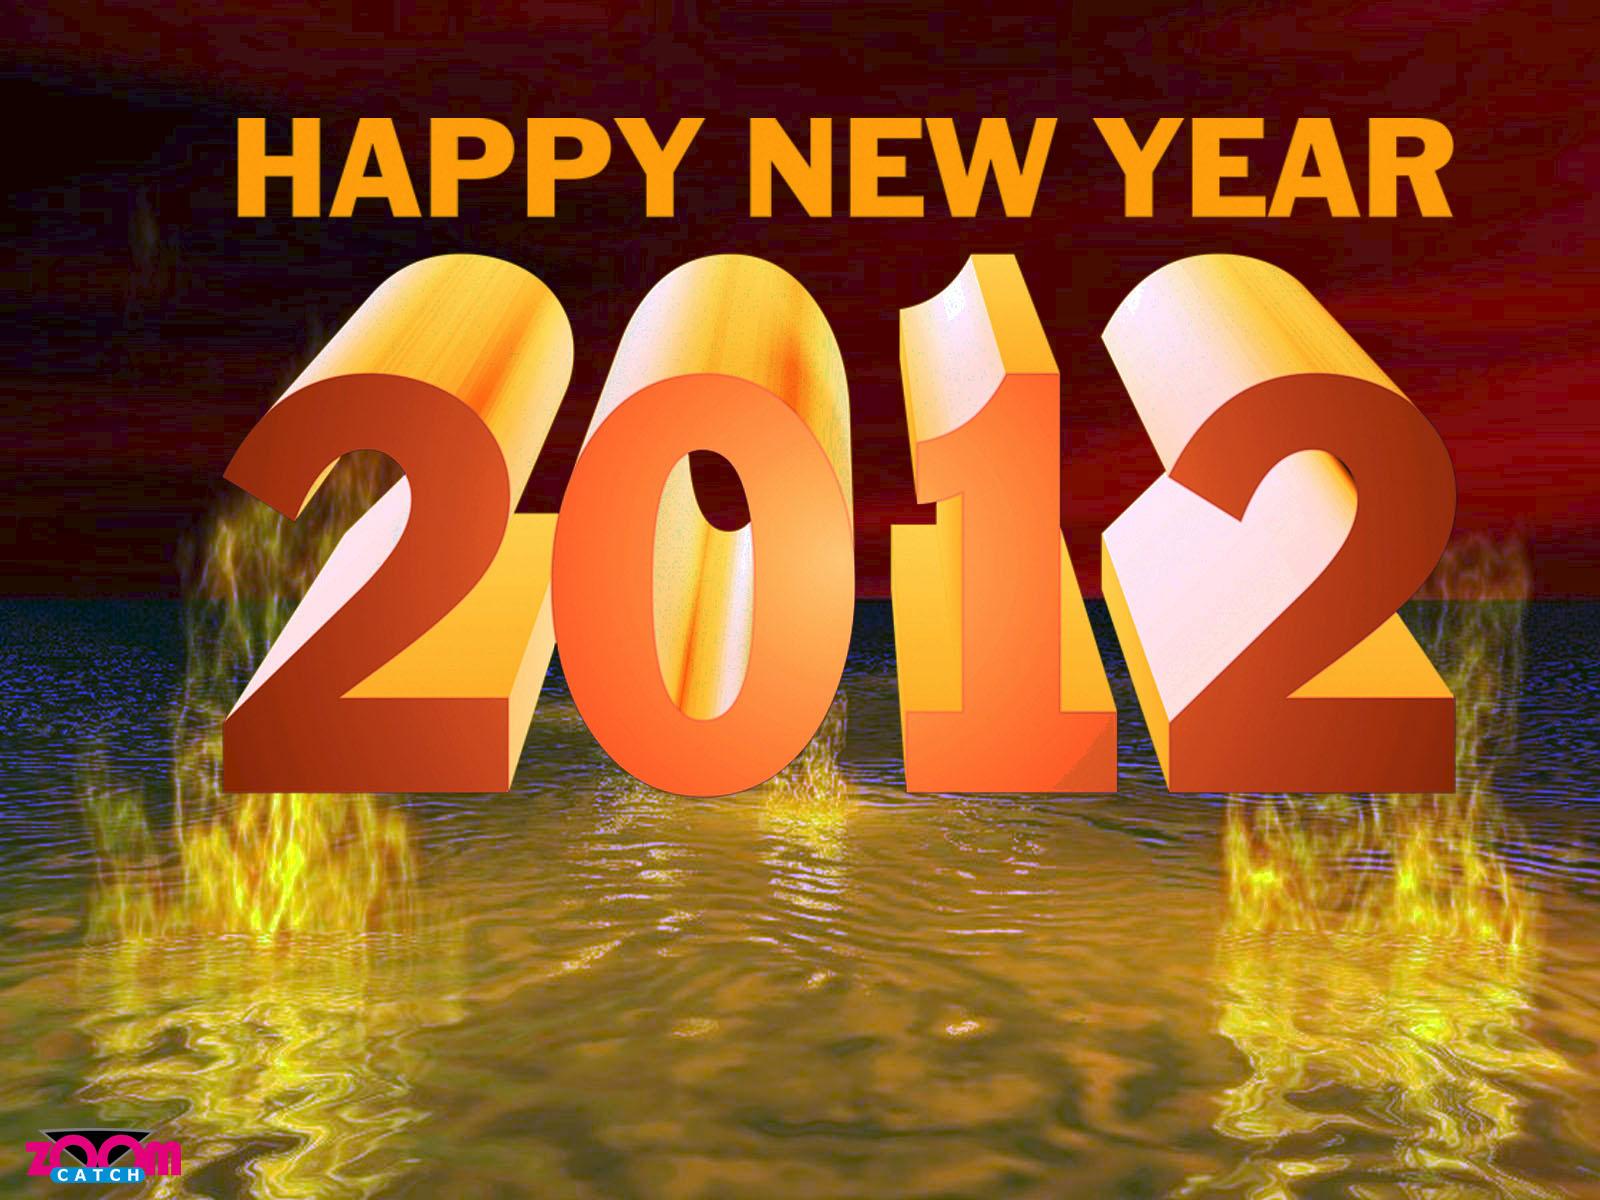 http://3.bp.blogspot.com/-4wuYboIPJAc/Tvg1jKjU9iI/AAAAAAAAIu4/9YMWwnJTqrY/s1600/Happy-New-Year-2012-wallpaper.jpg